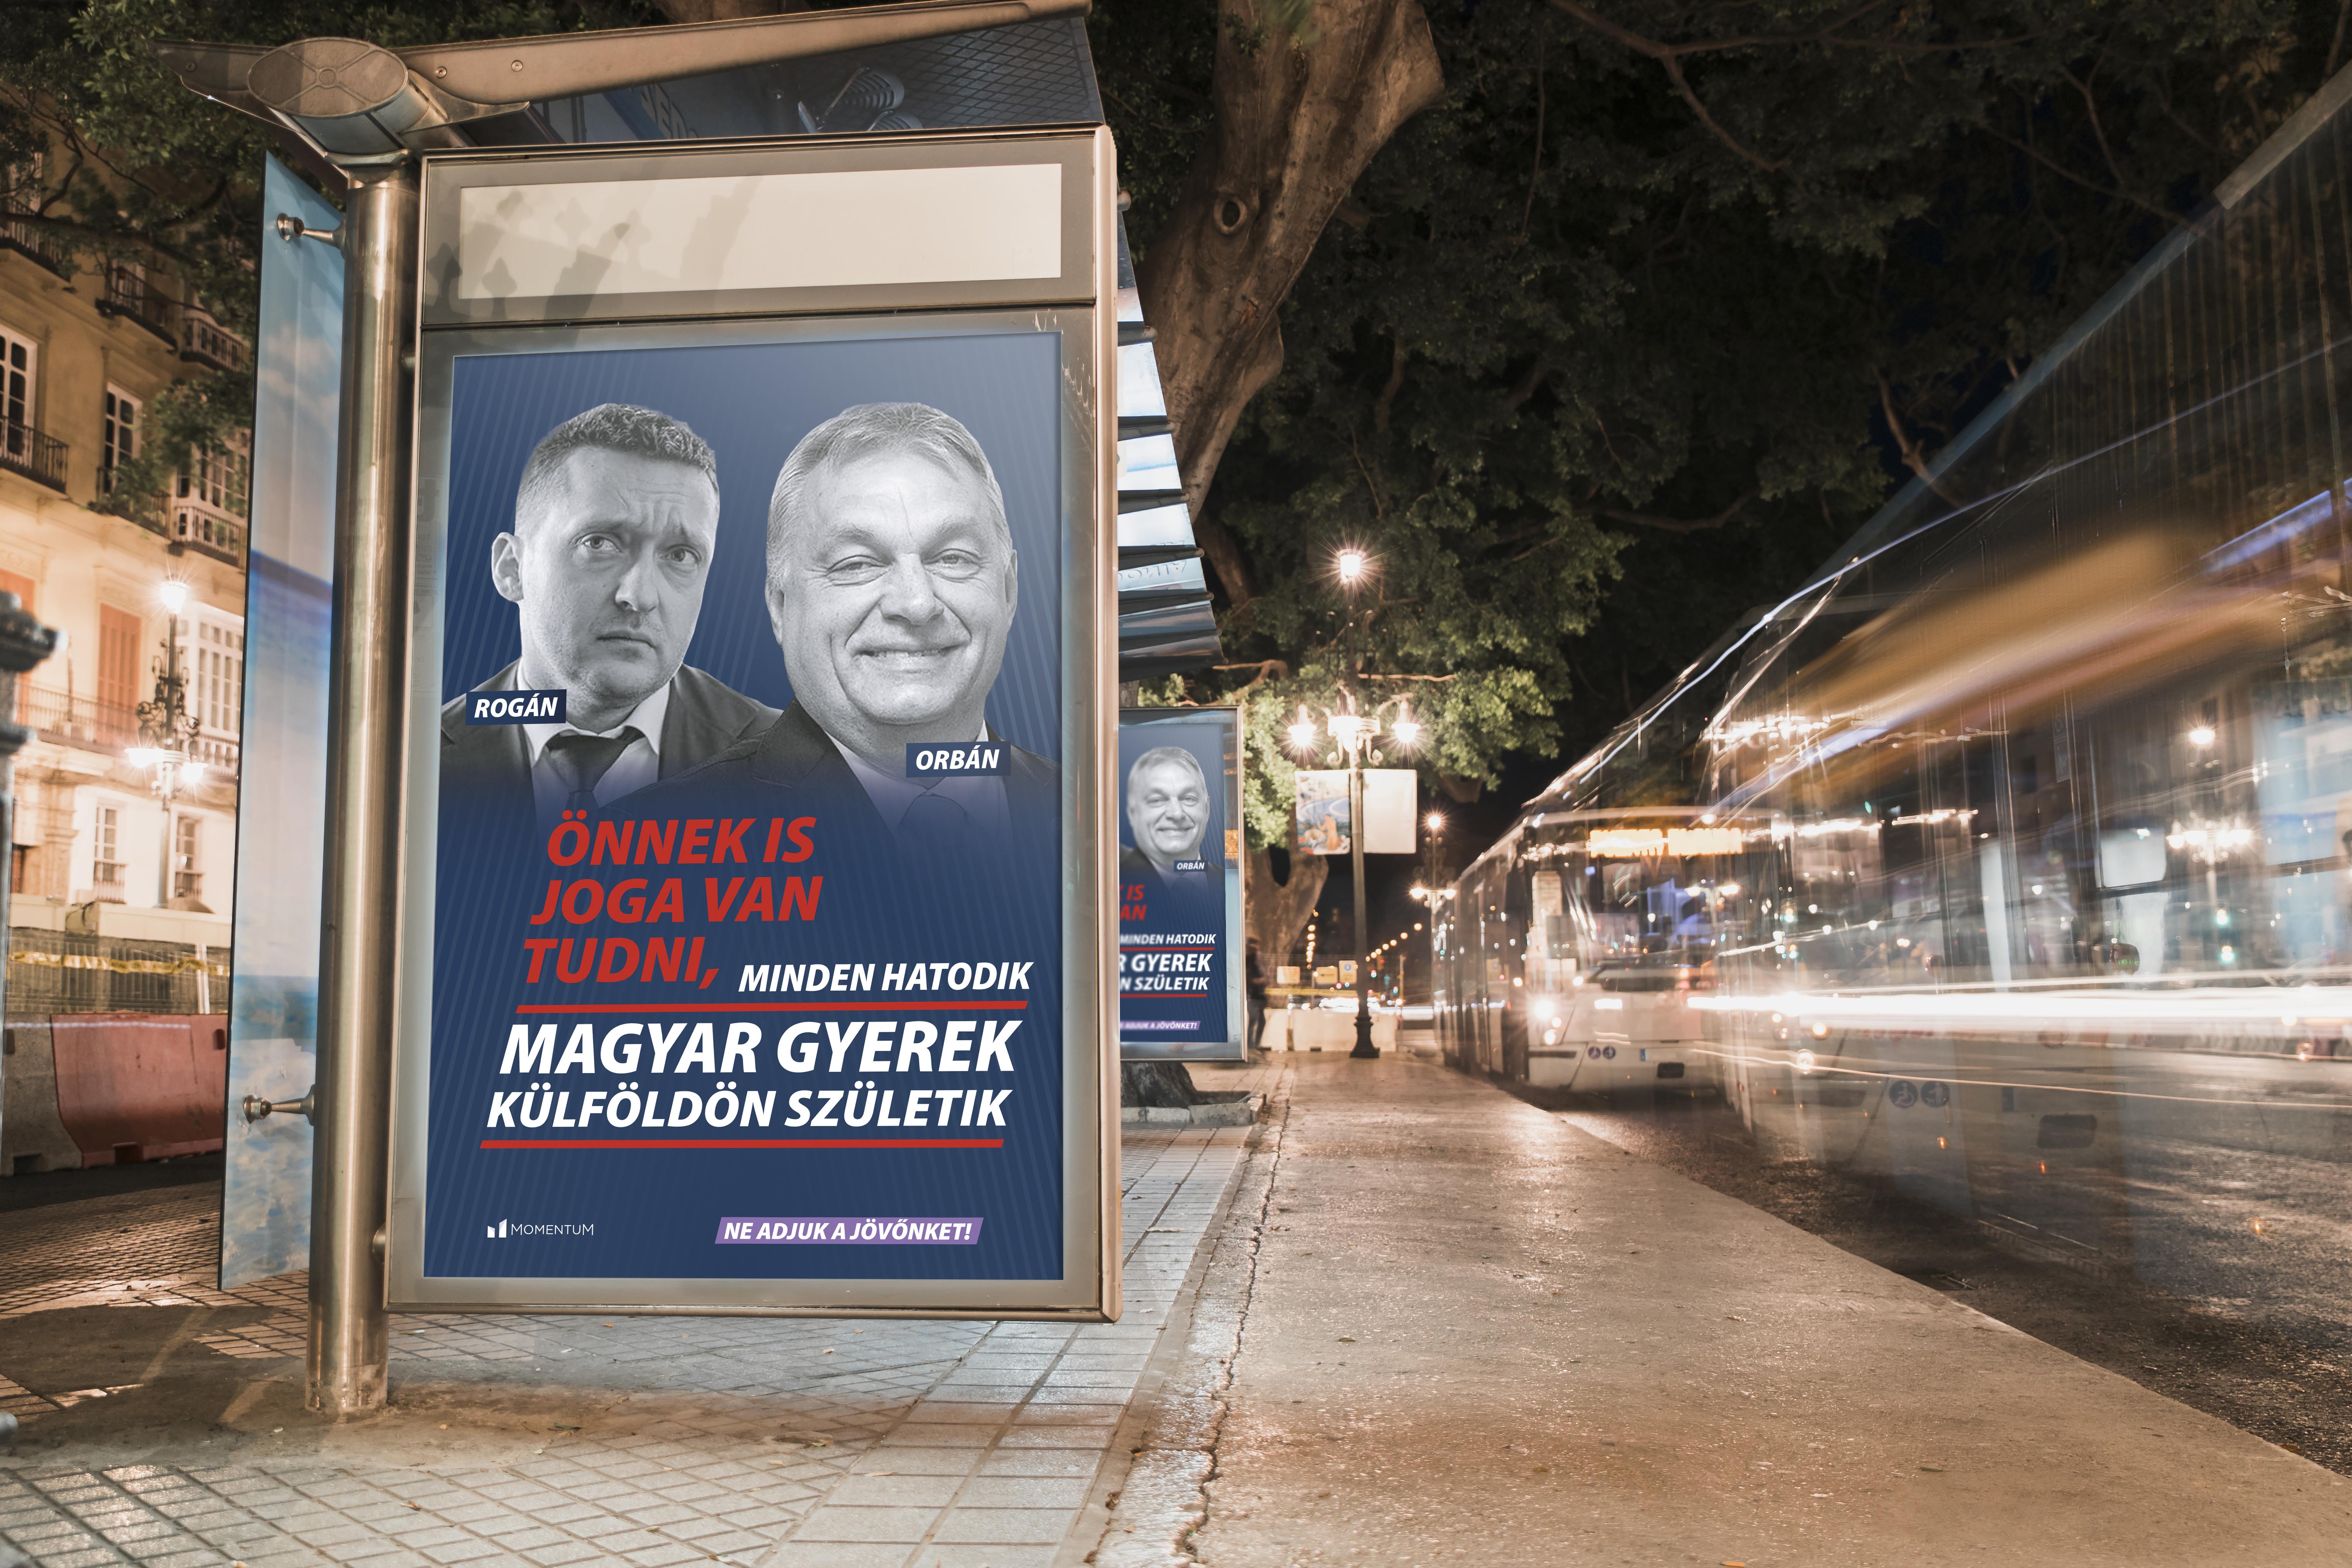 Kormányplakátok a buszmegállóban